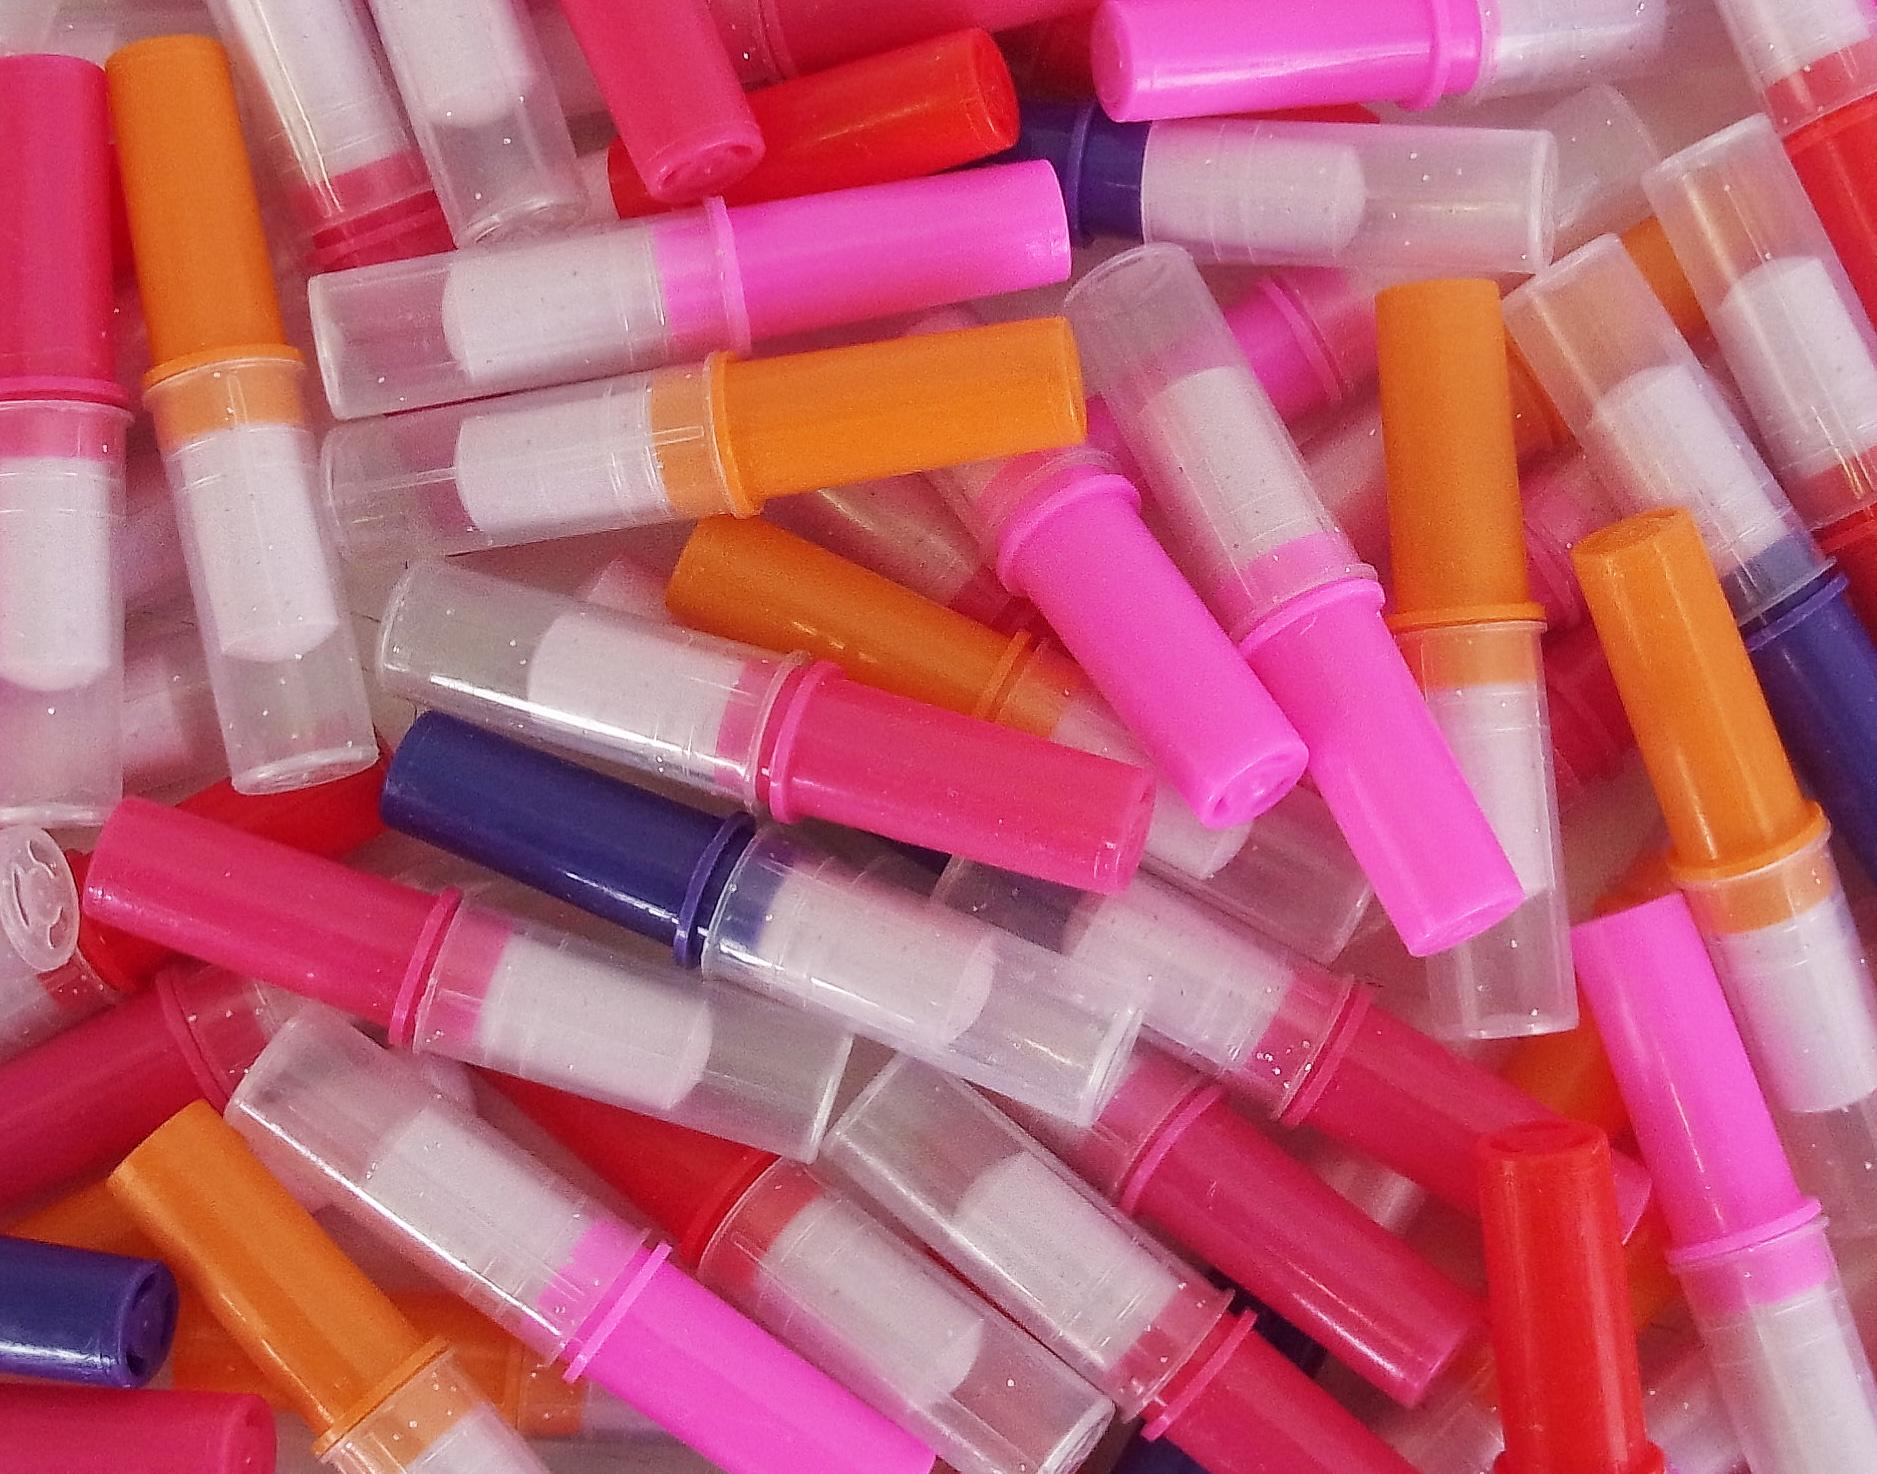 CAPTAIN PLAY Candy Lipstick, 1.000 Stück Süßwaren Lippenstift, Karneval Wurfmaterial, Süßigkeiten Großpackungen